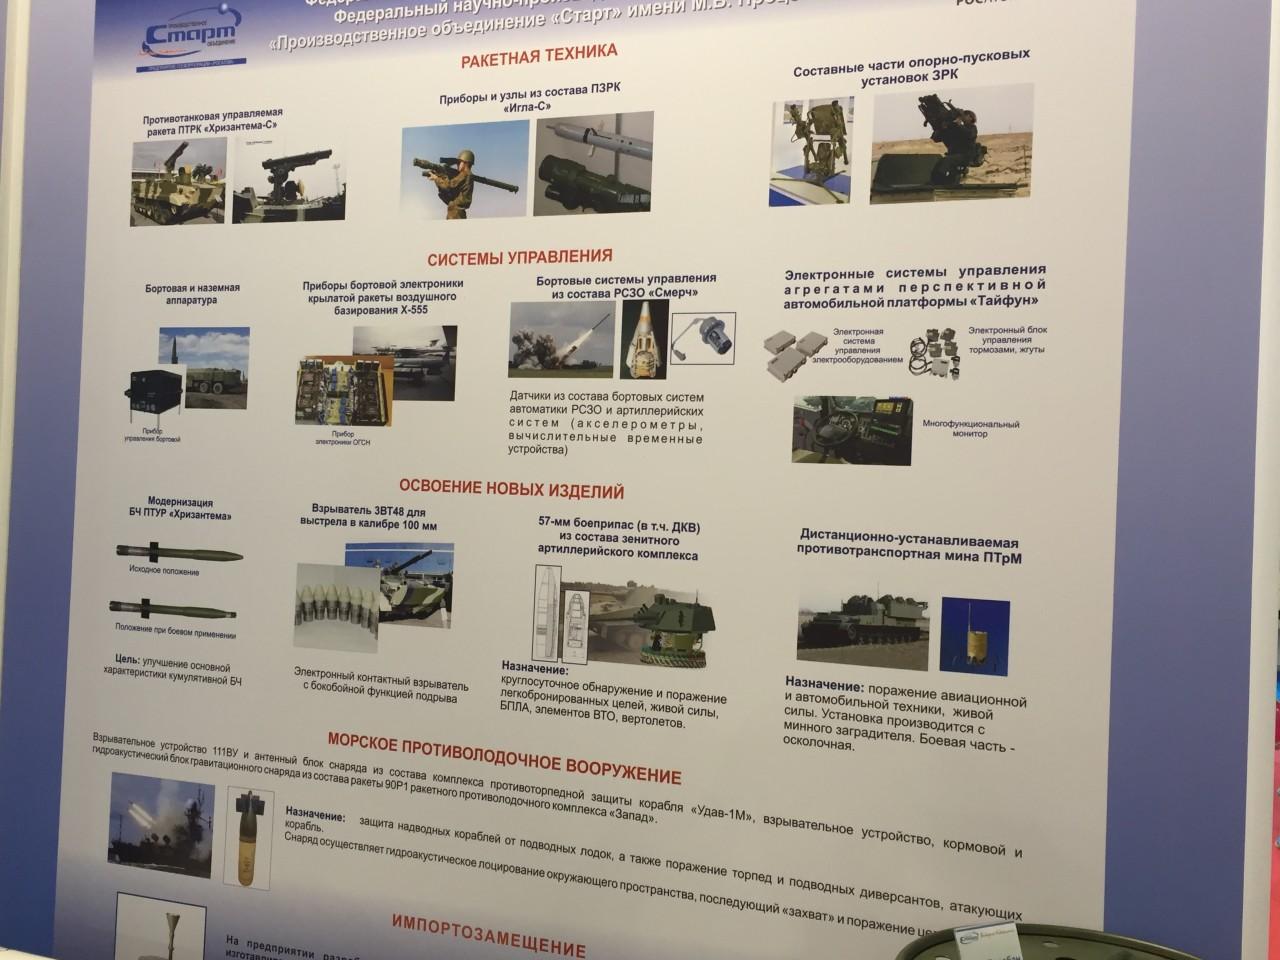 Некоторые результаты импортозамещения украинской продукции в отечественной военной технике